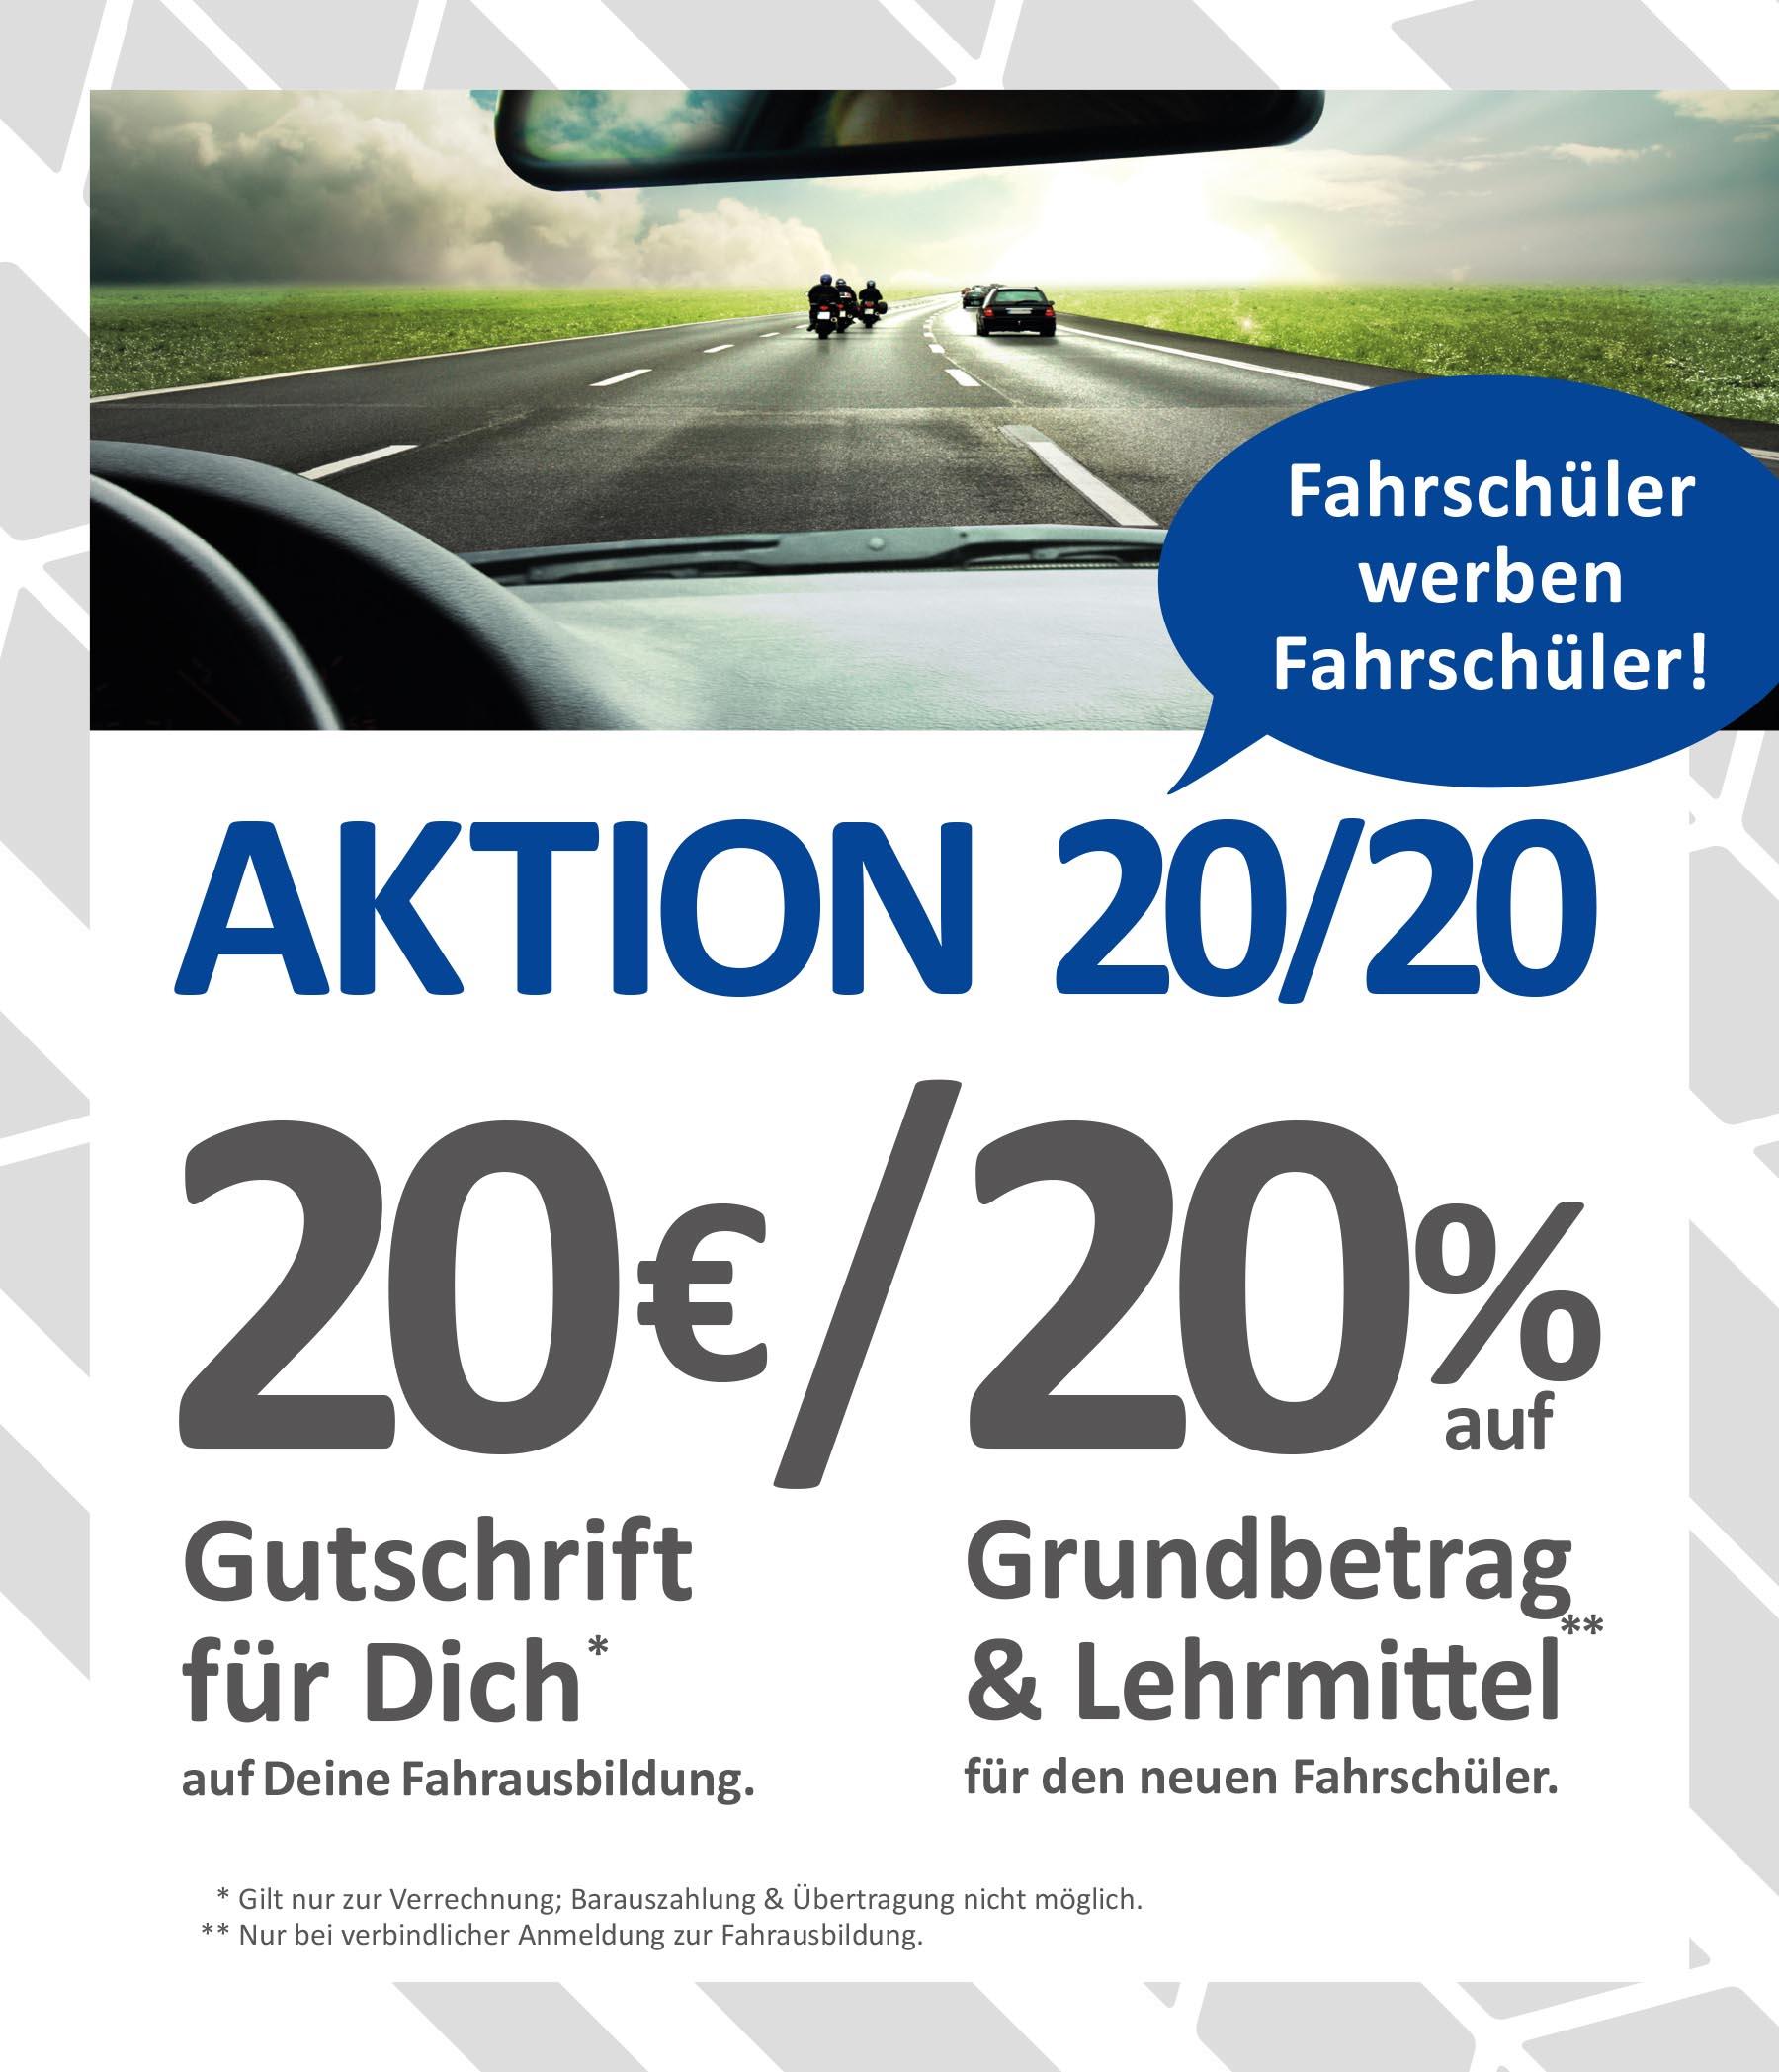 aktion_2020_fahrschule_stroeker